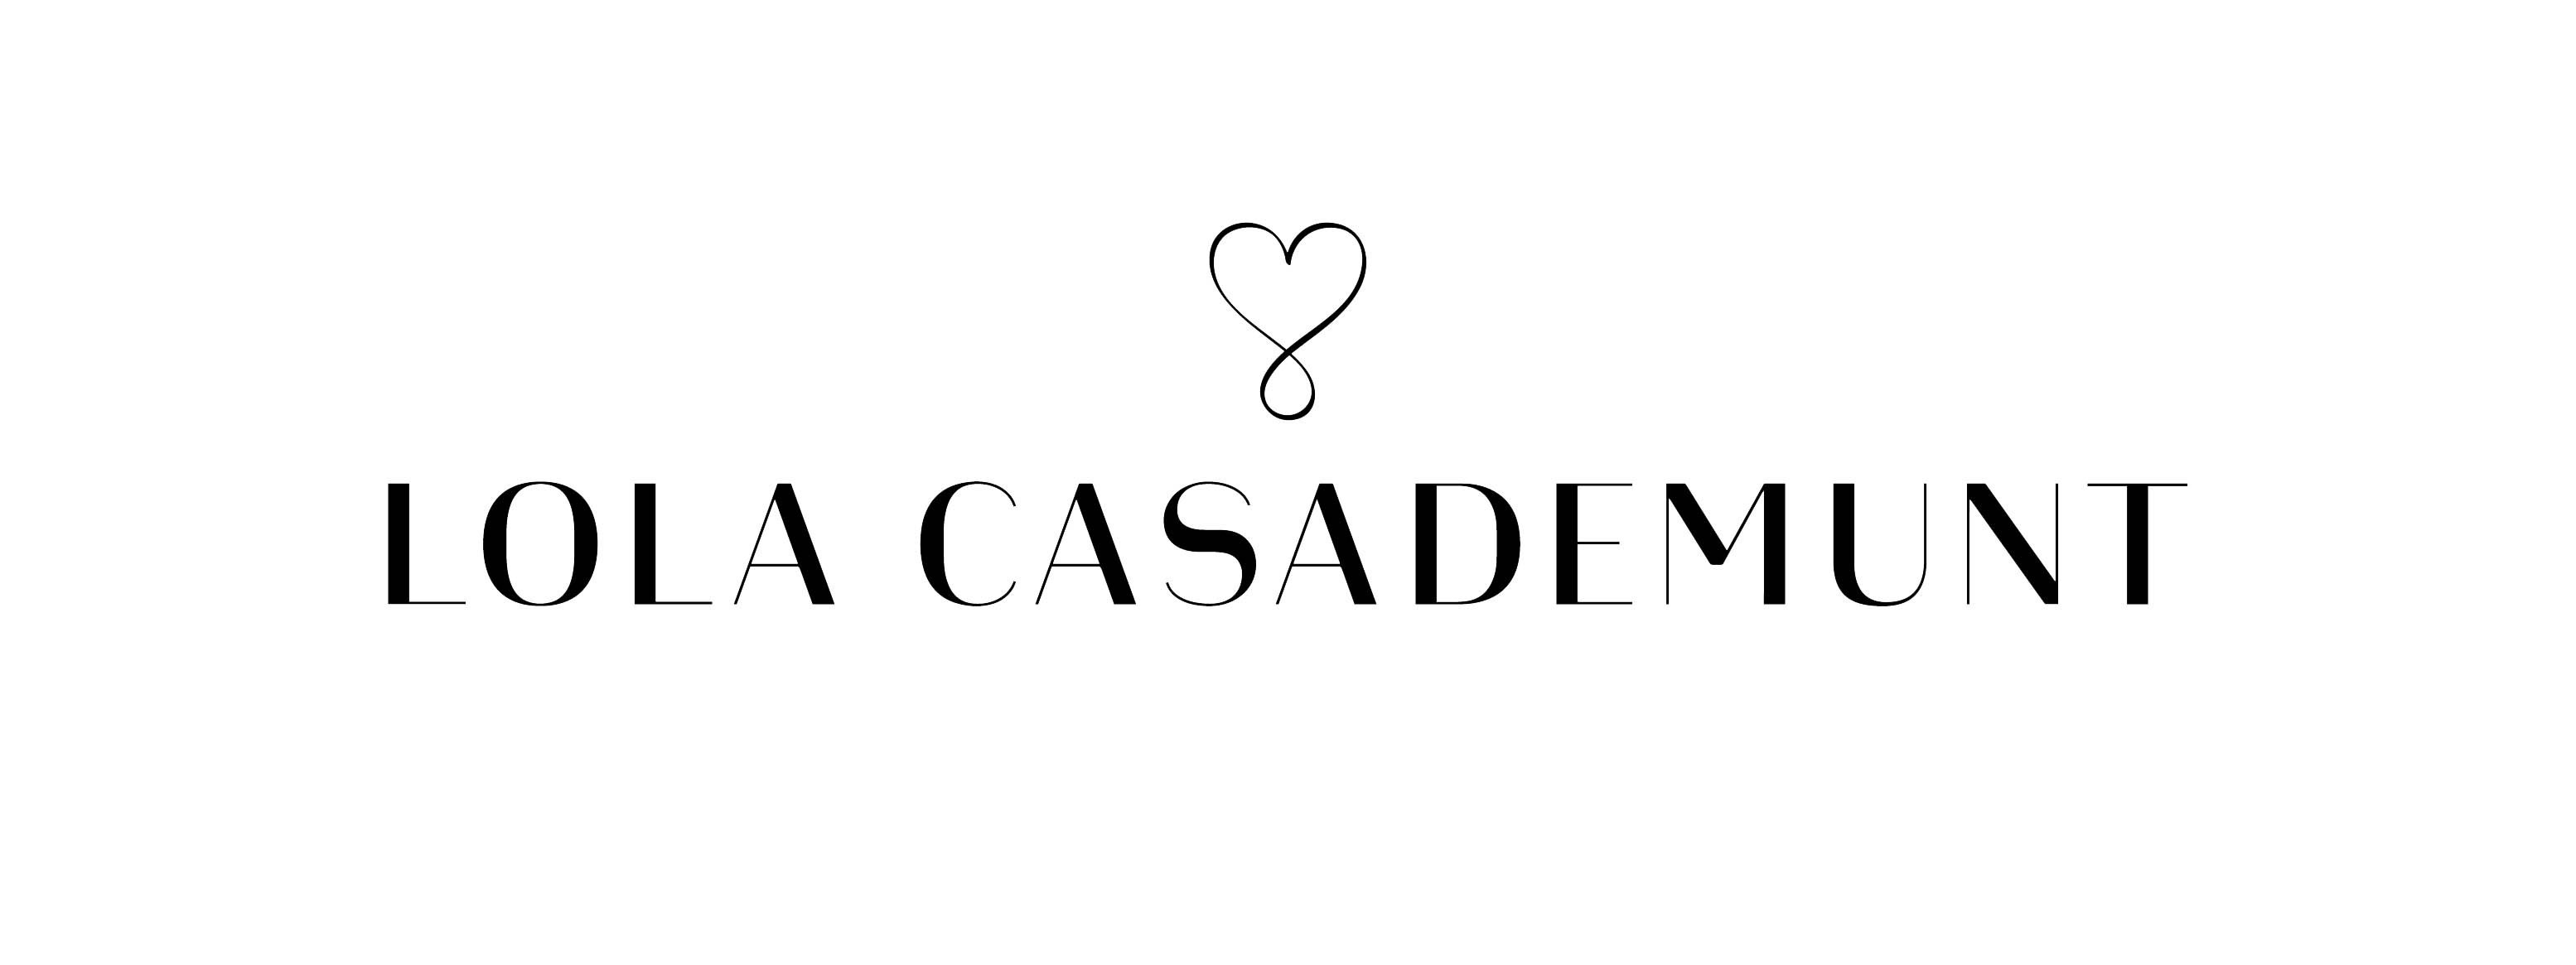 LOLA CASADEMUNT, S.L.